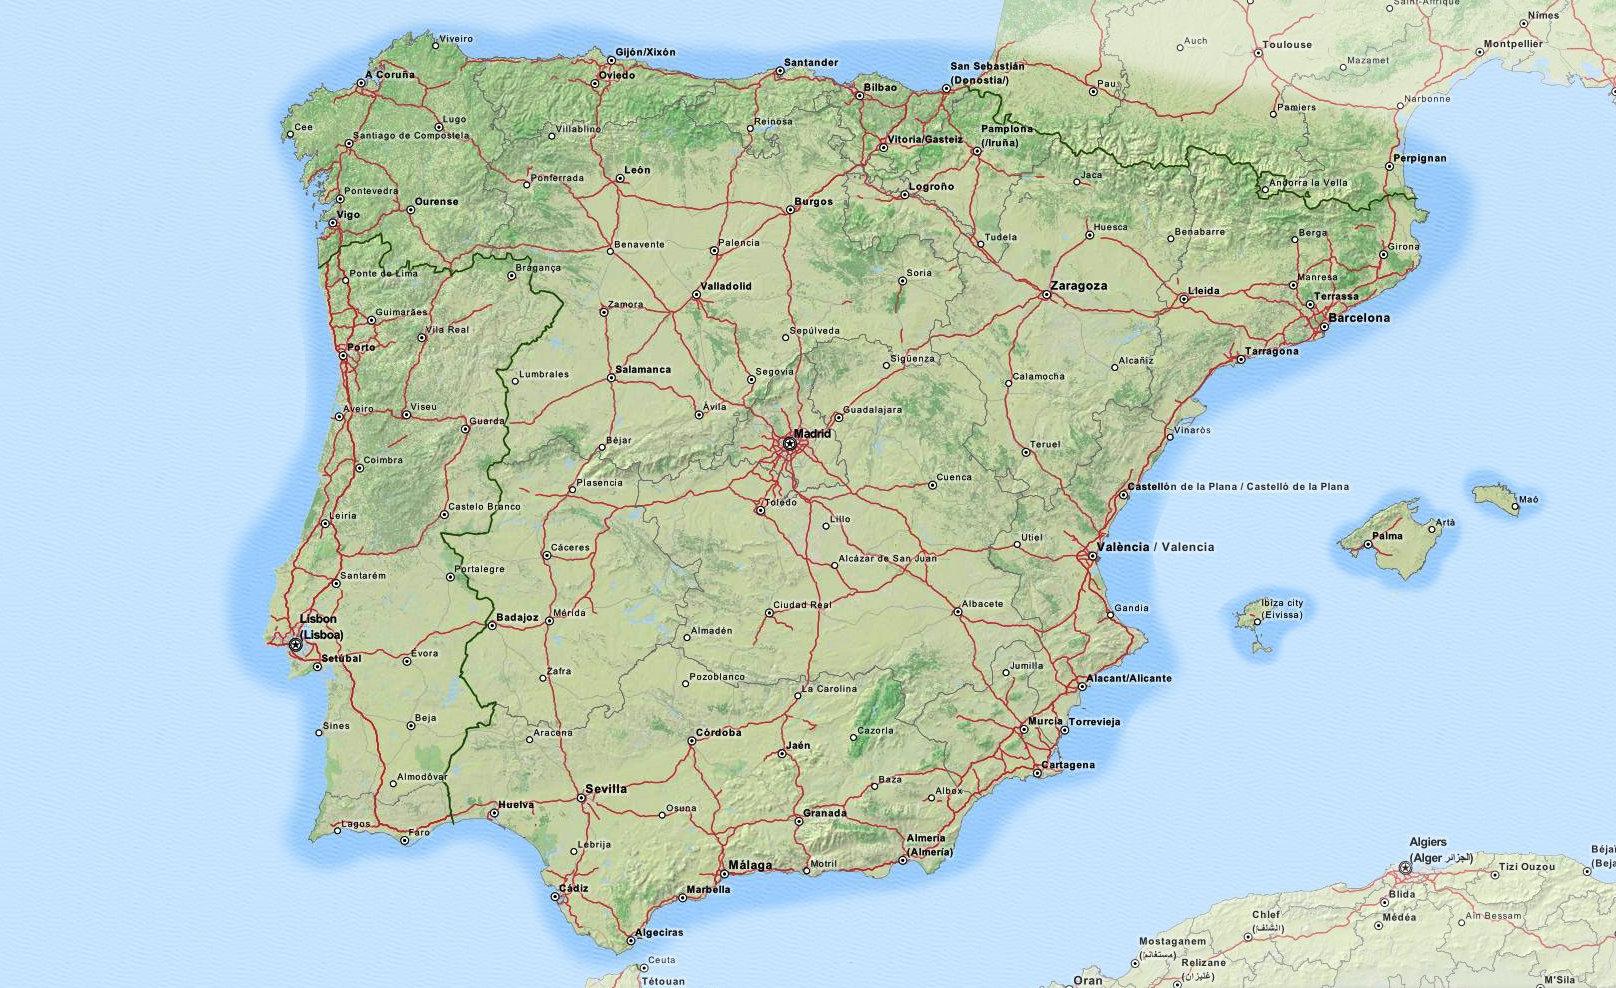 Cubrimos todo el territorio de la península ibérica, Baleares y el sur de Francia